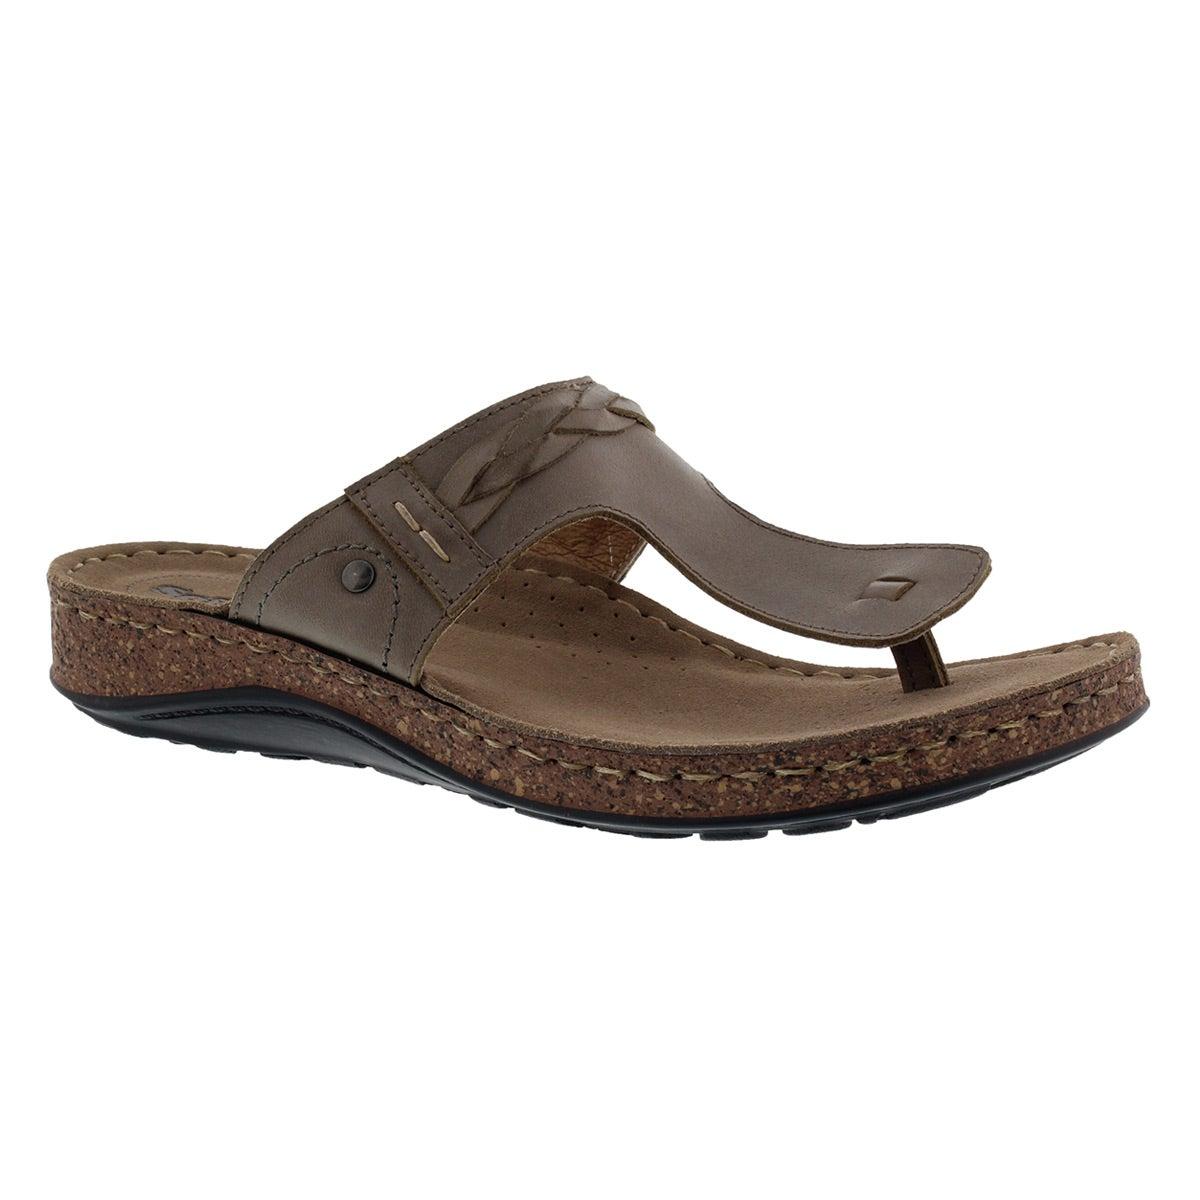 Sandale taupe TARI 2, fem